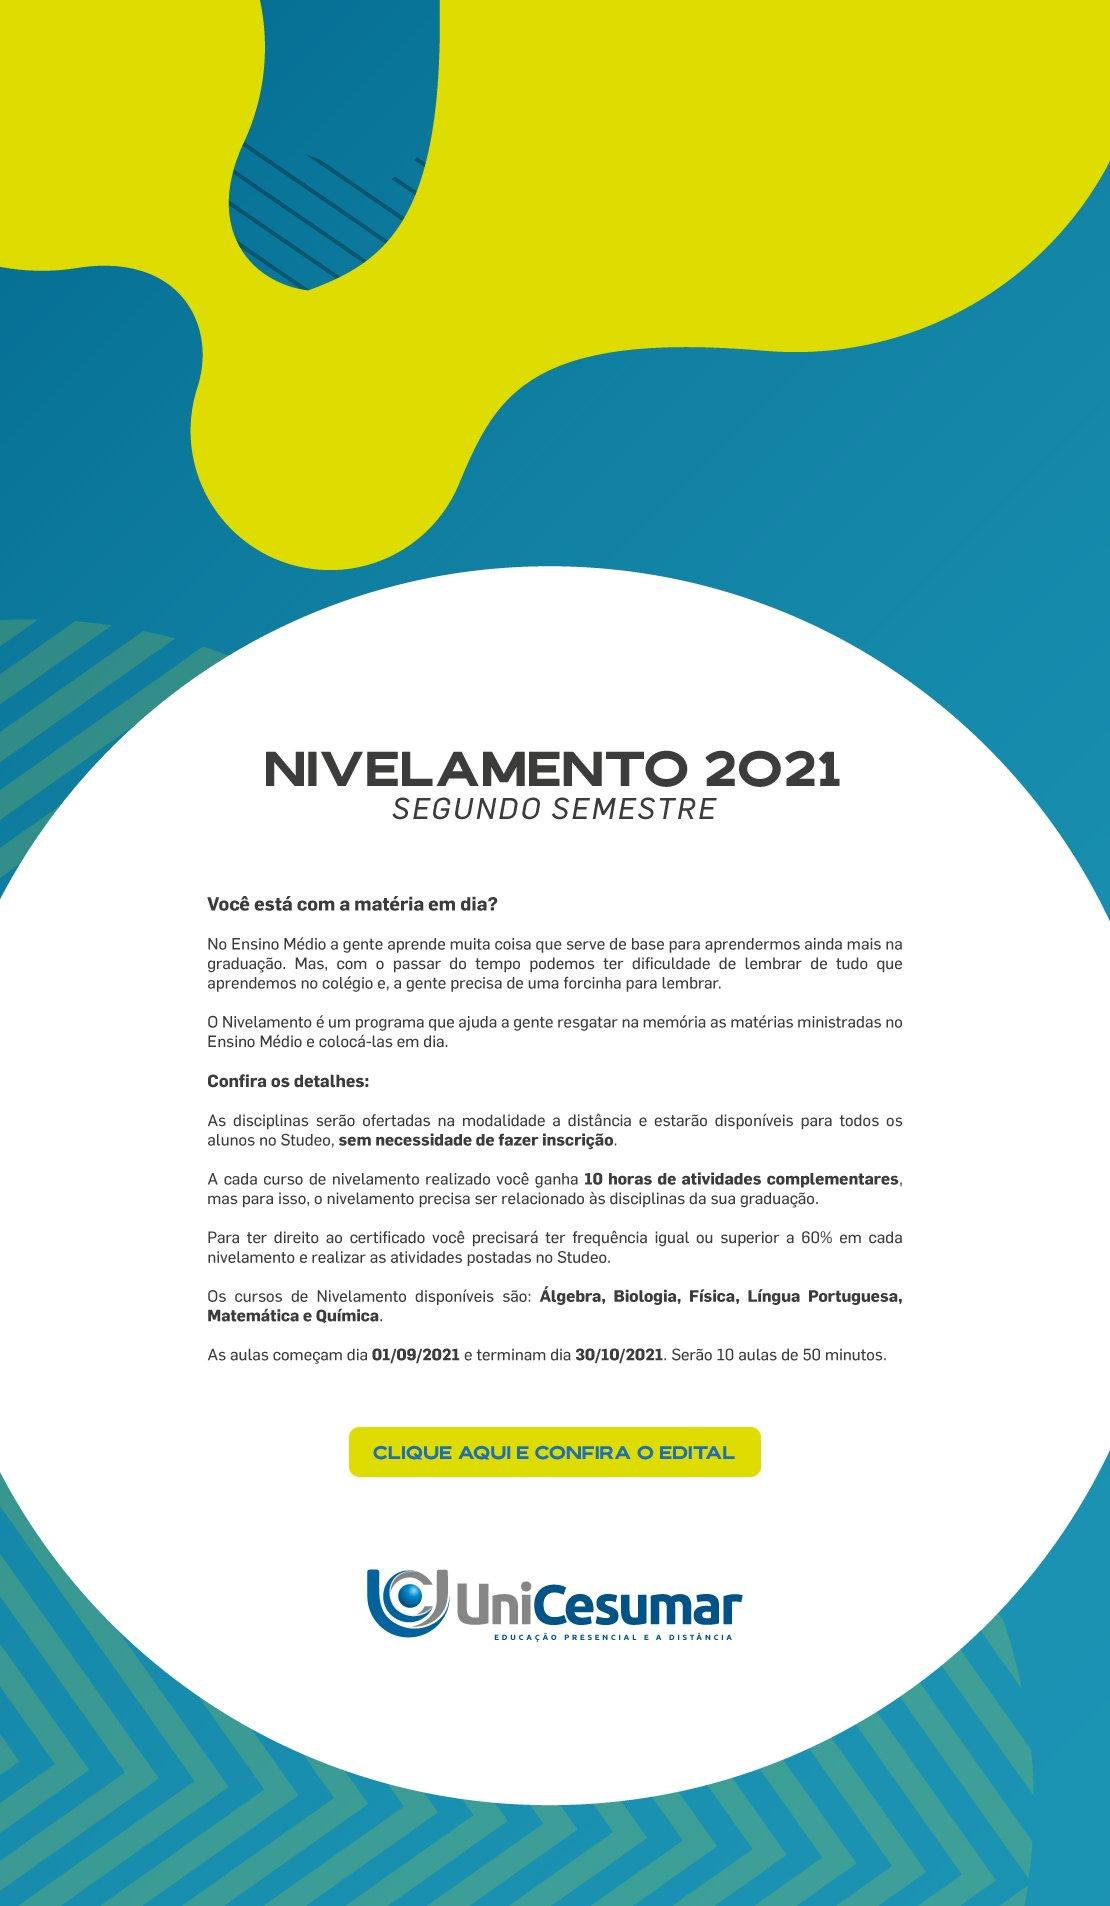 _hotsite_nivelamento_2021-2 (1)